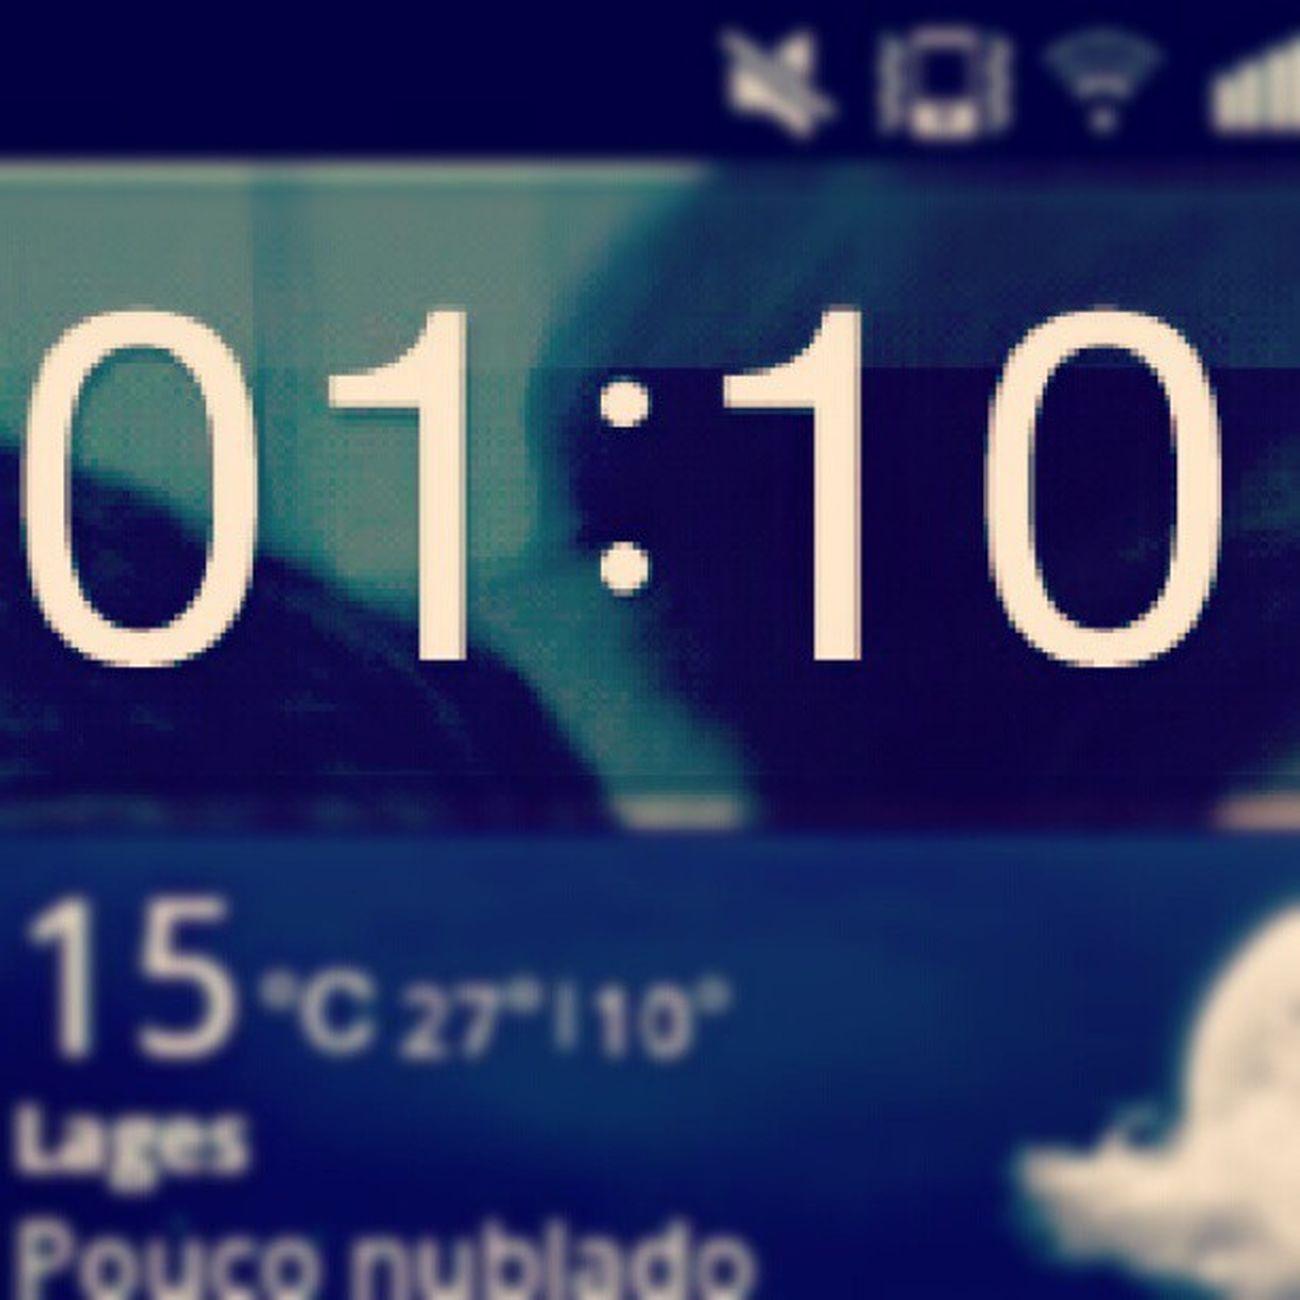 0101 Horas Iguais Tarde  sono cansado dormi servico tedio